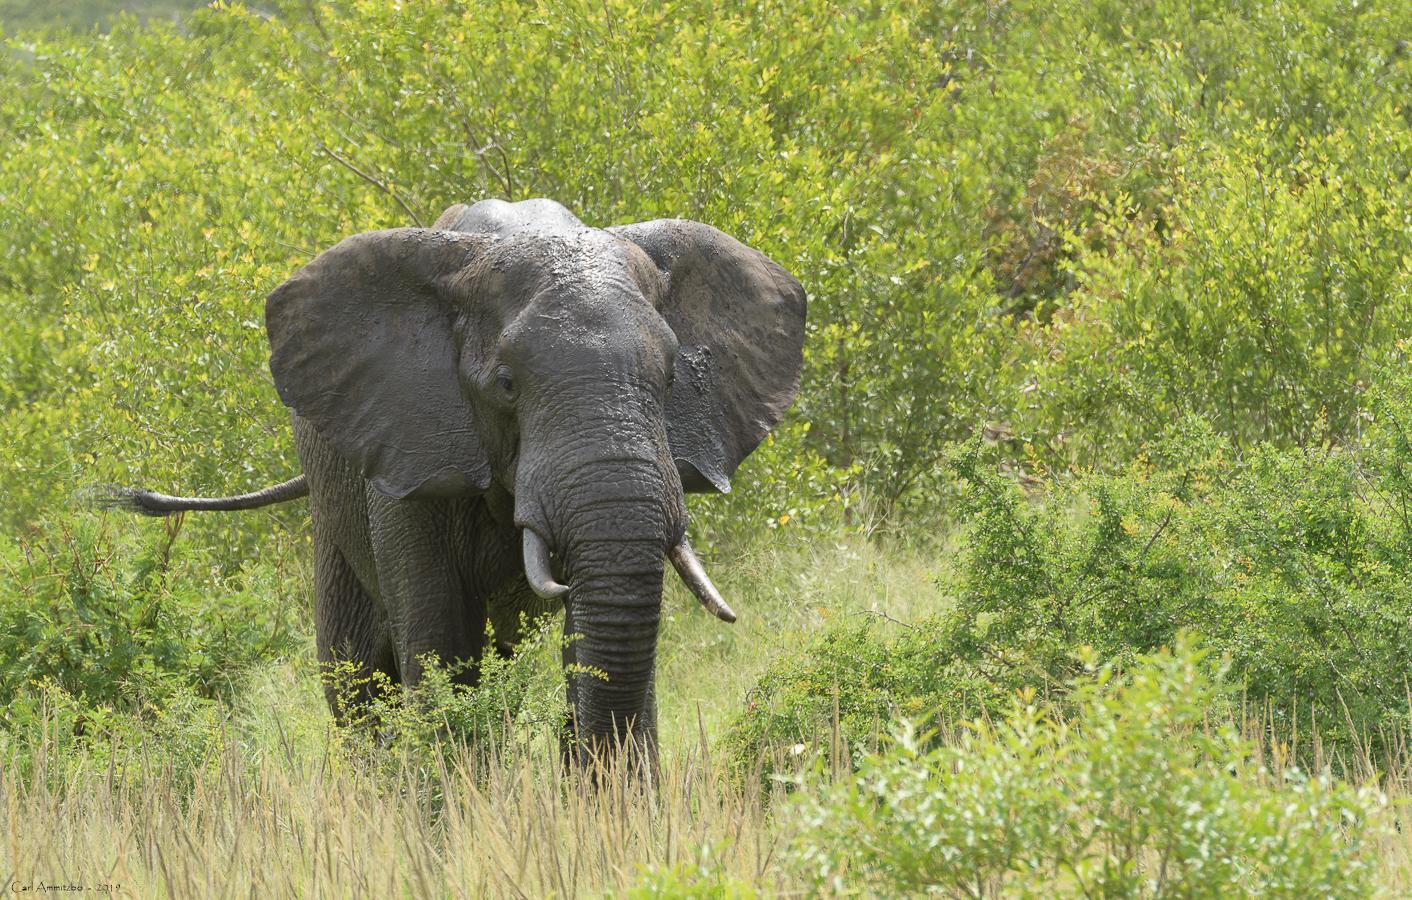 07 - 0222 - Elefant - 02 - Kruger